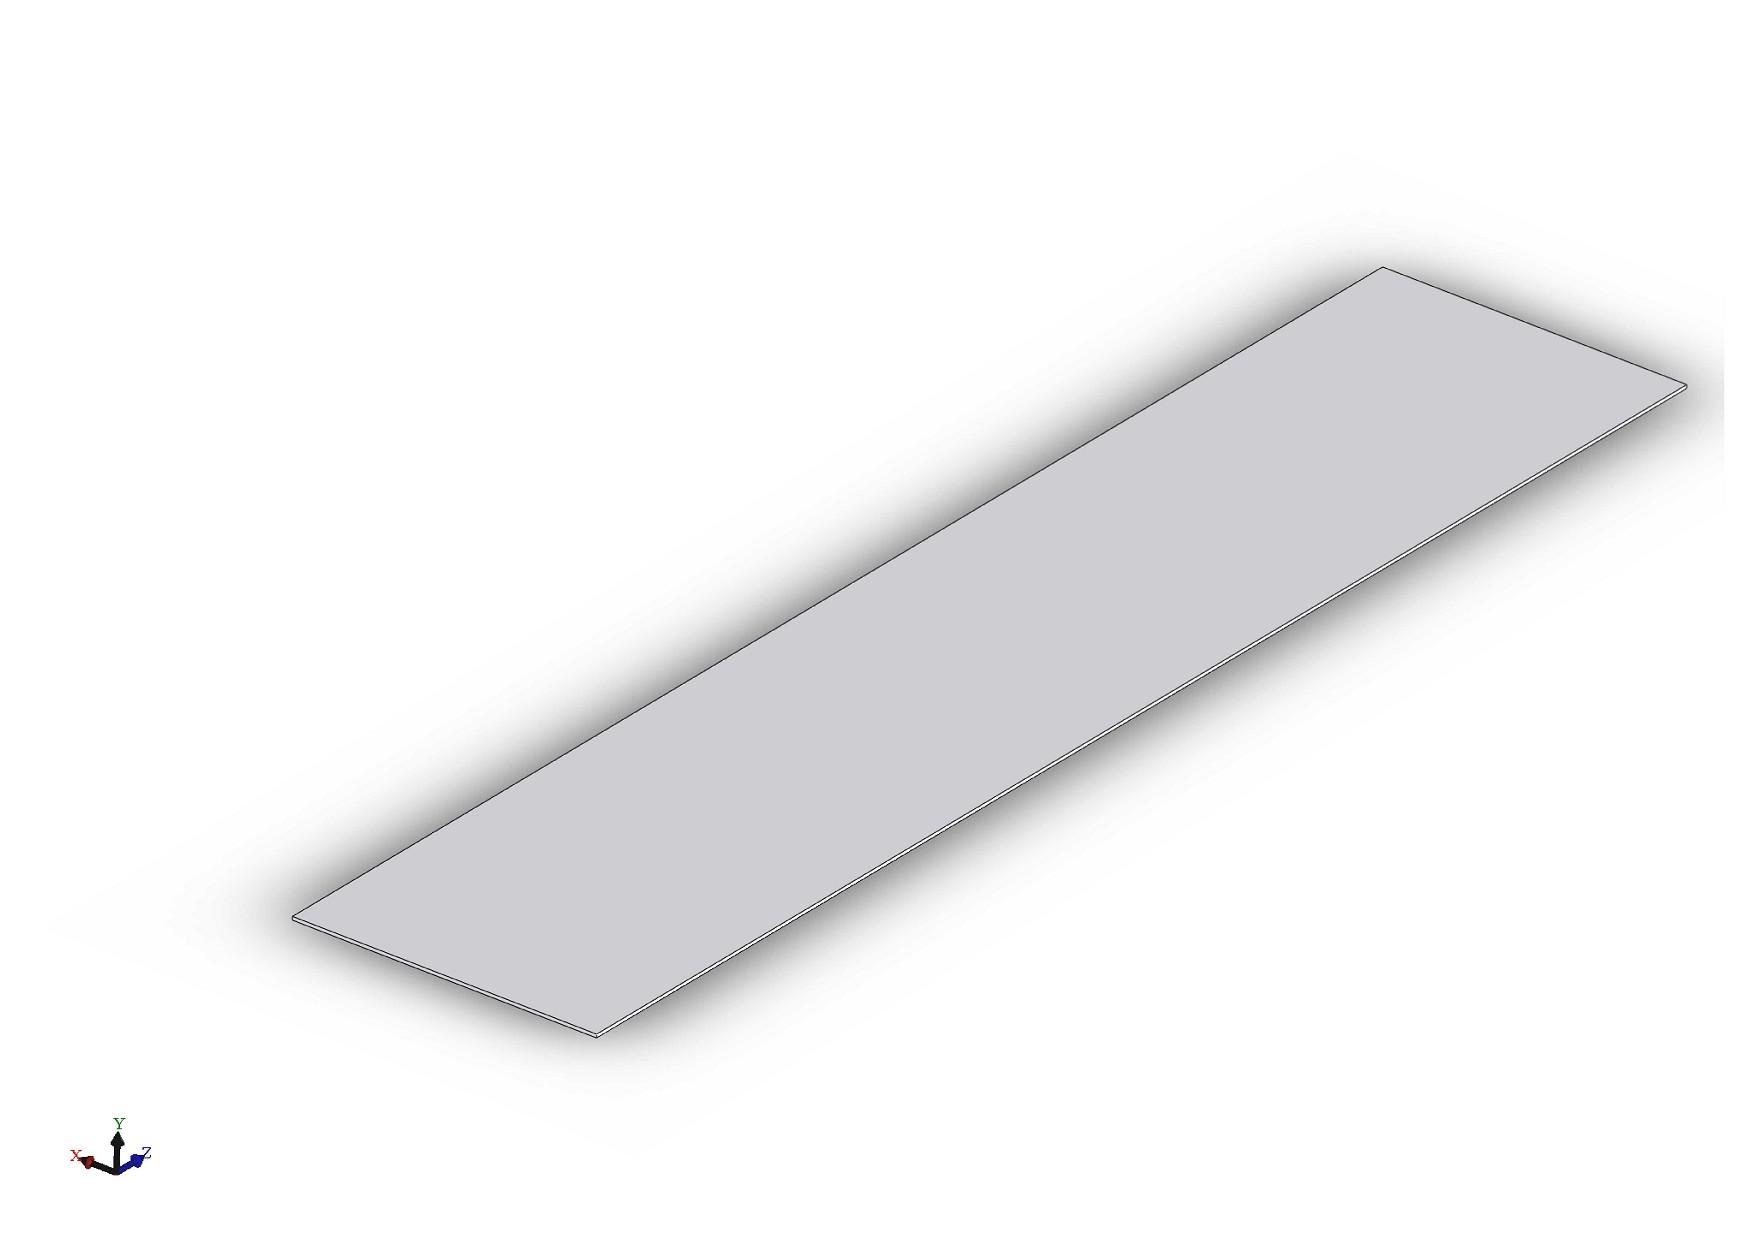 Profil razvertka 1.